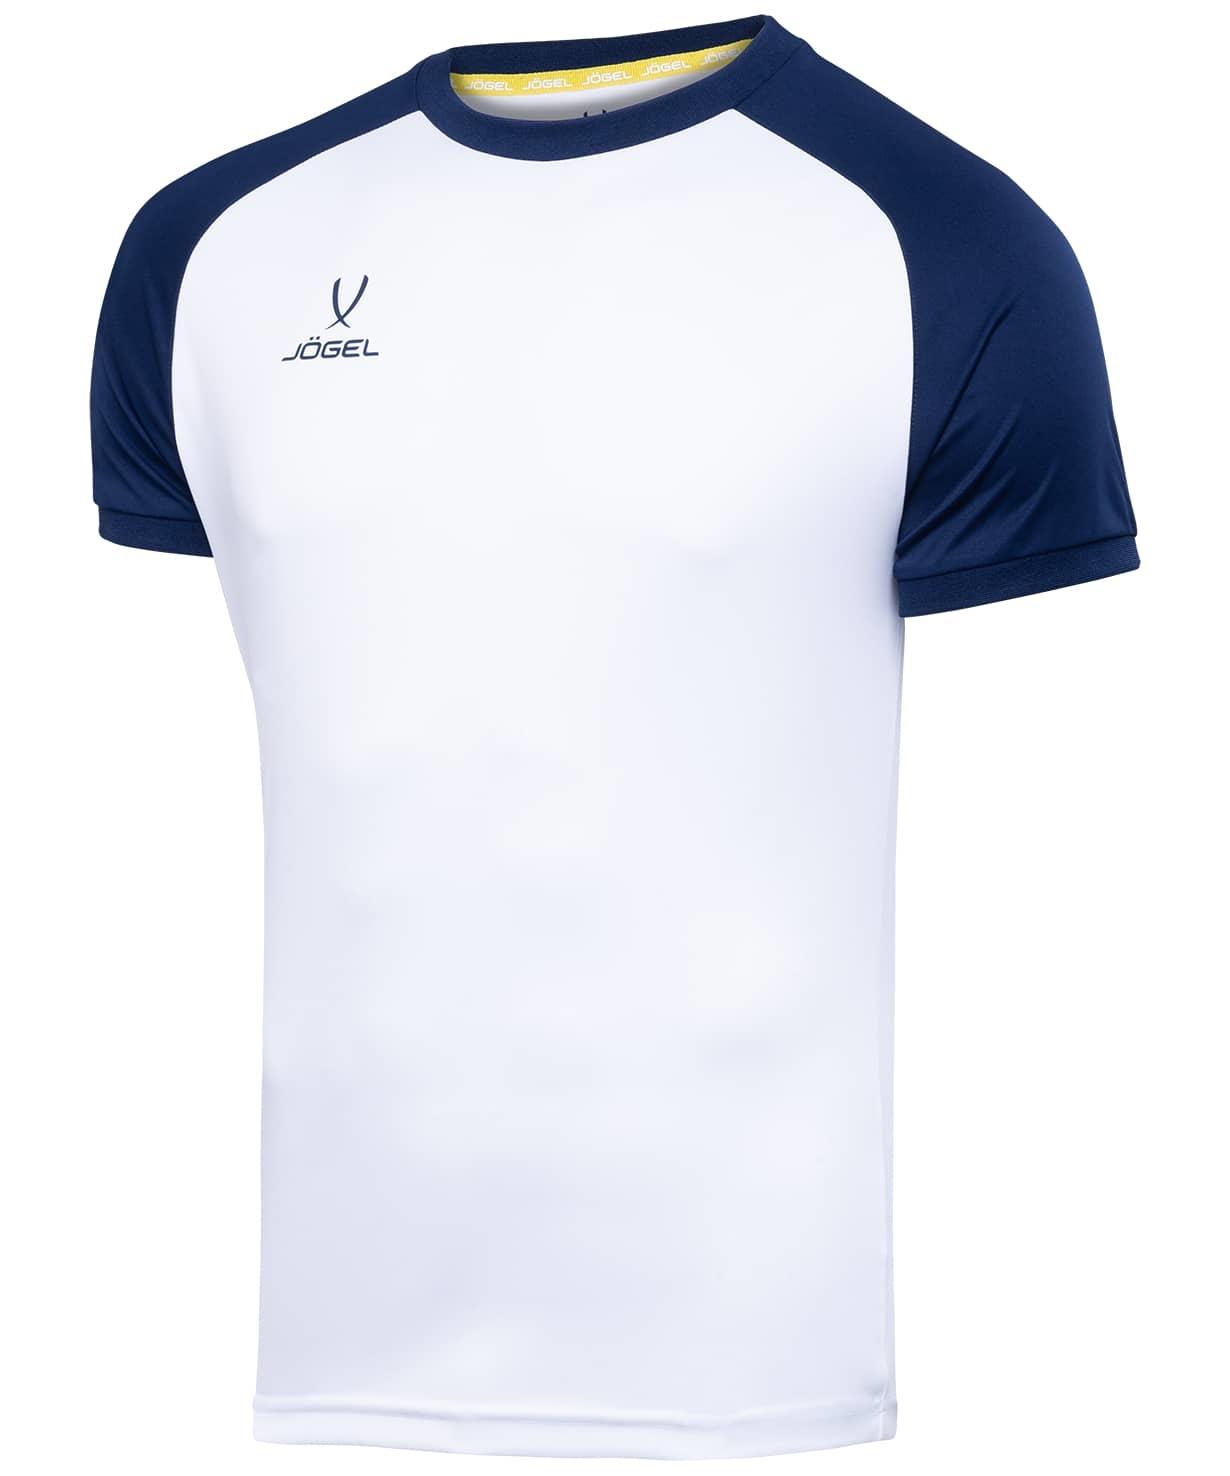 Футболка футбольная CAMP Reglan JFT-1021-019, белый/темно-синий